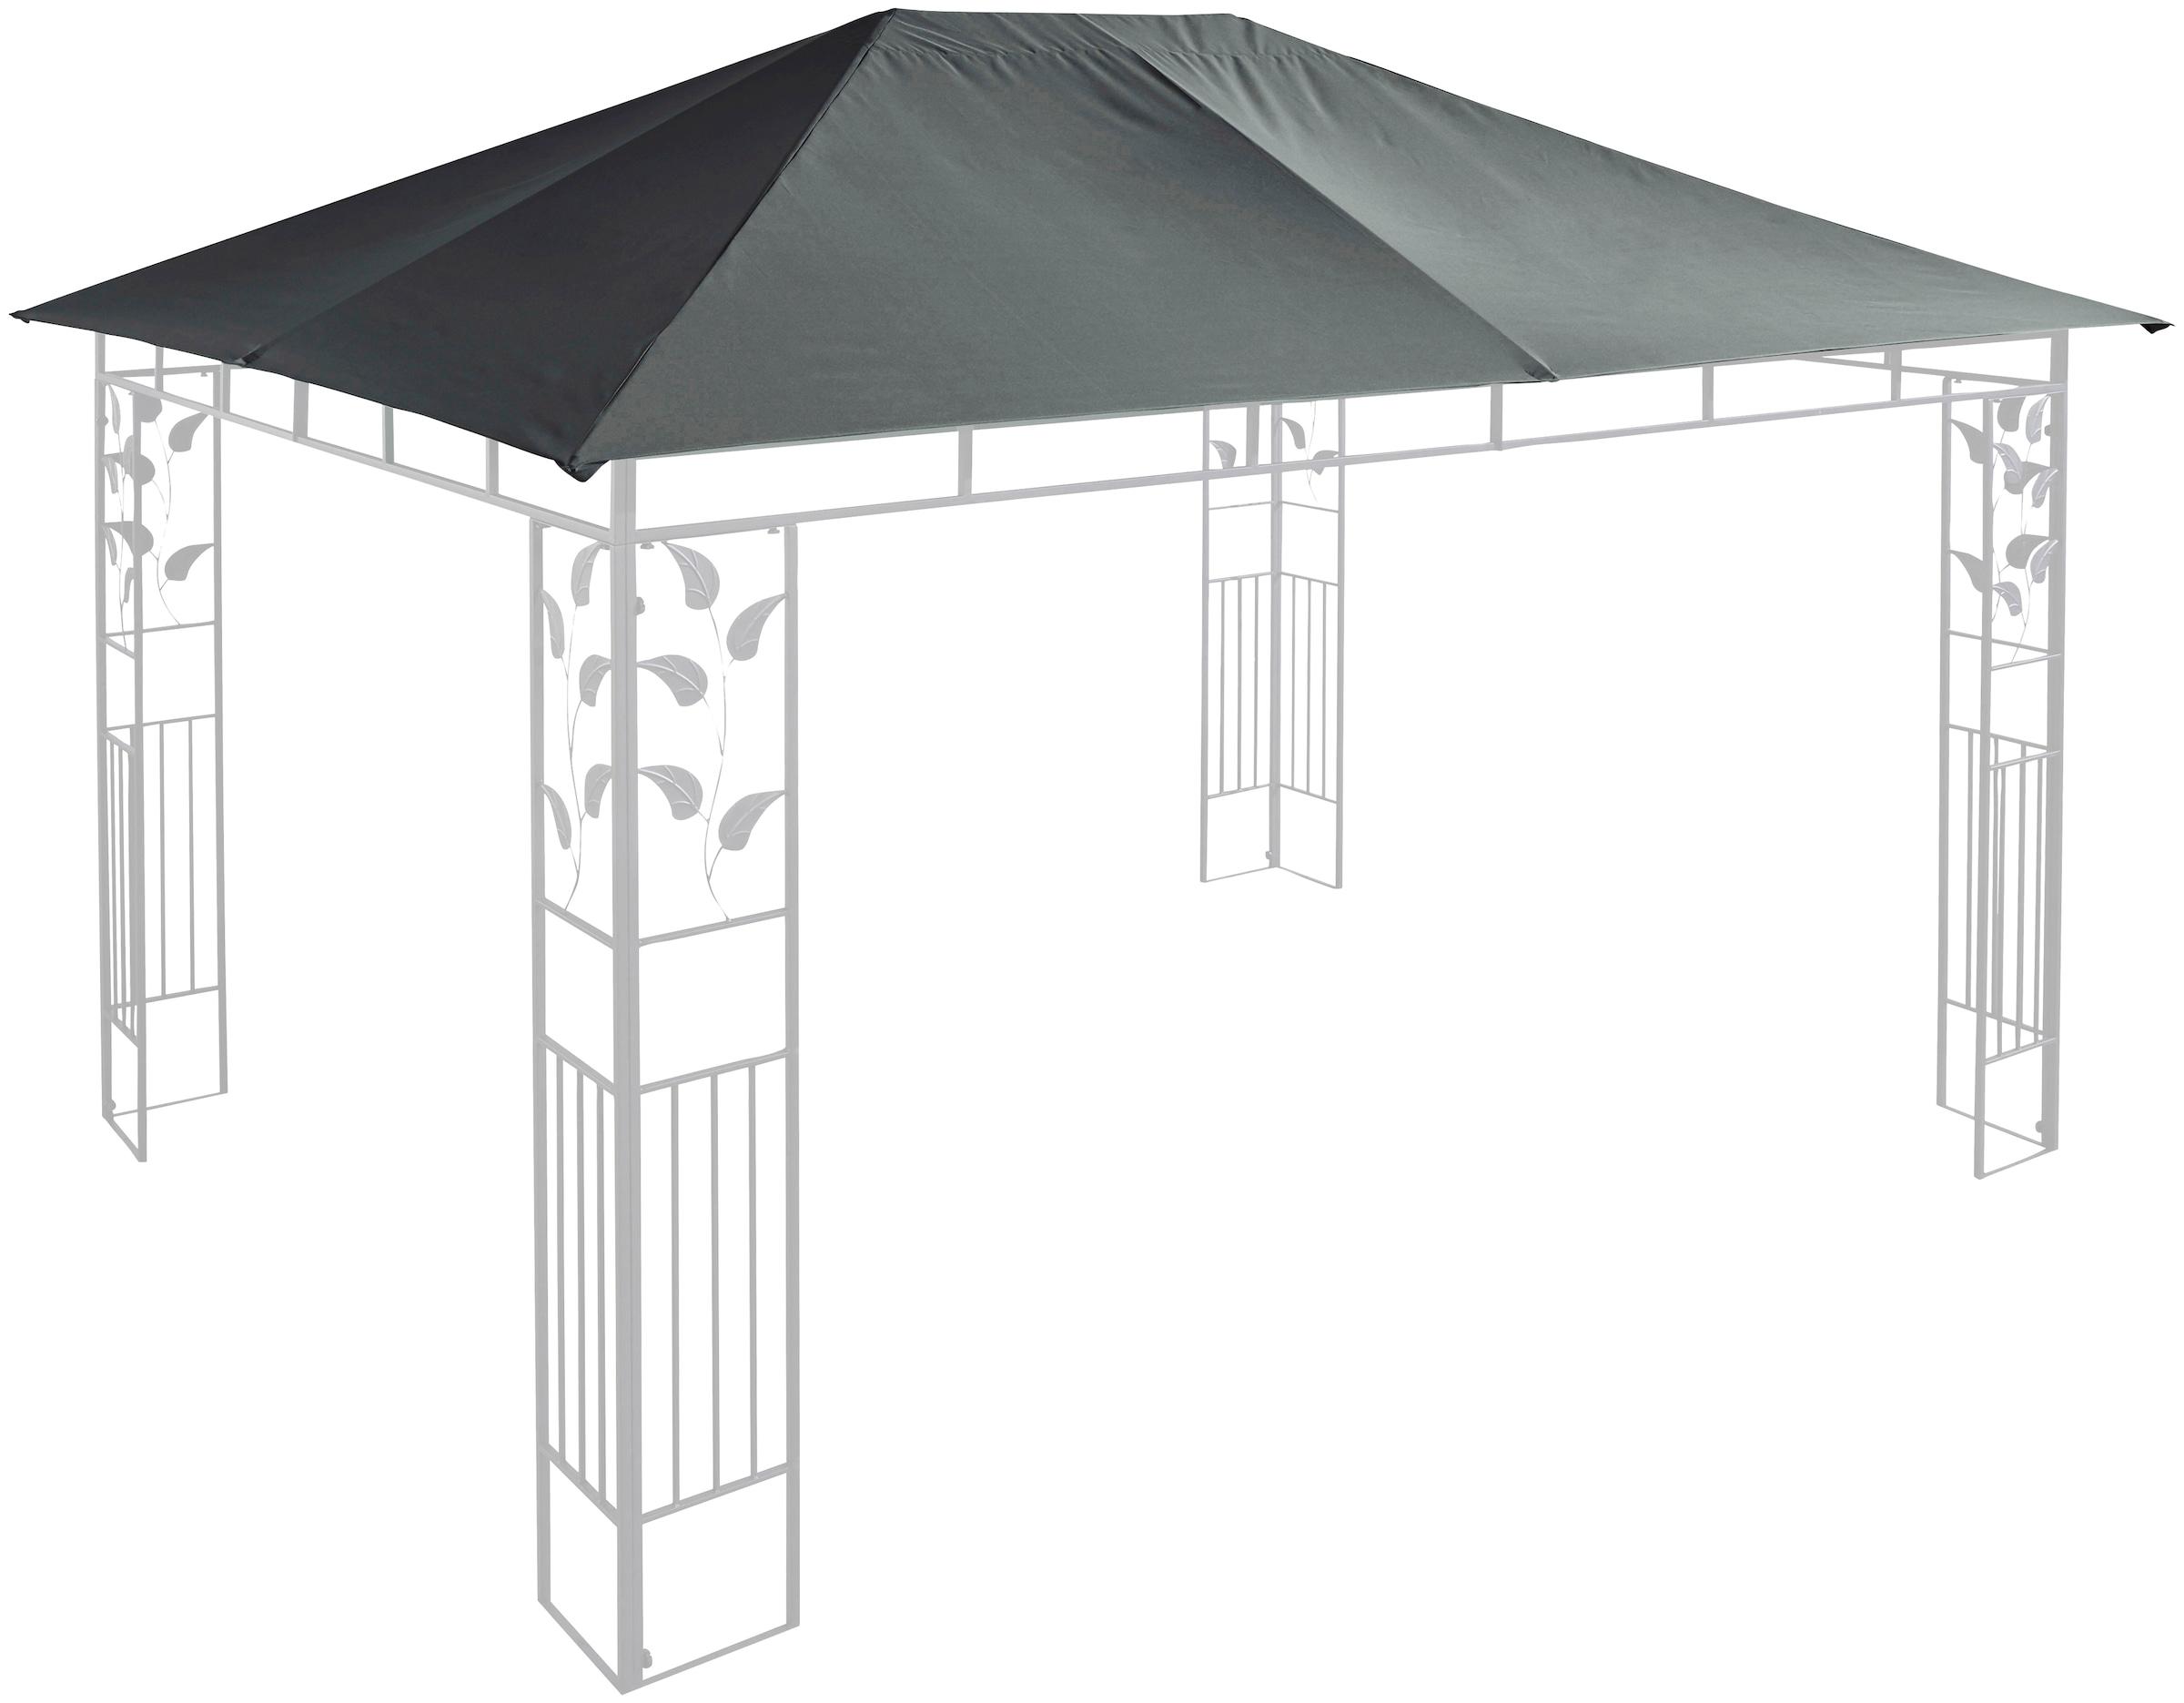 Image of Ersatzdach für Pavillon »Blätter«, für Pavillon »Blätter« 300x400 cm